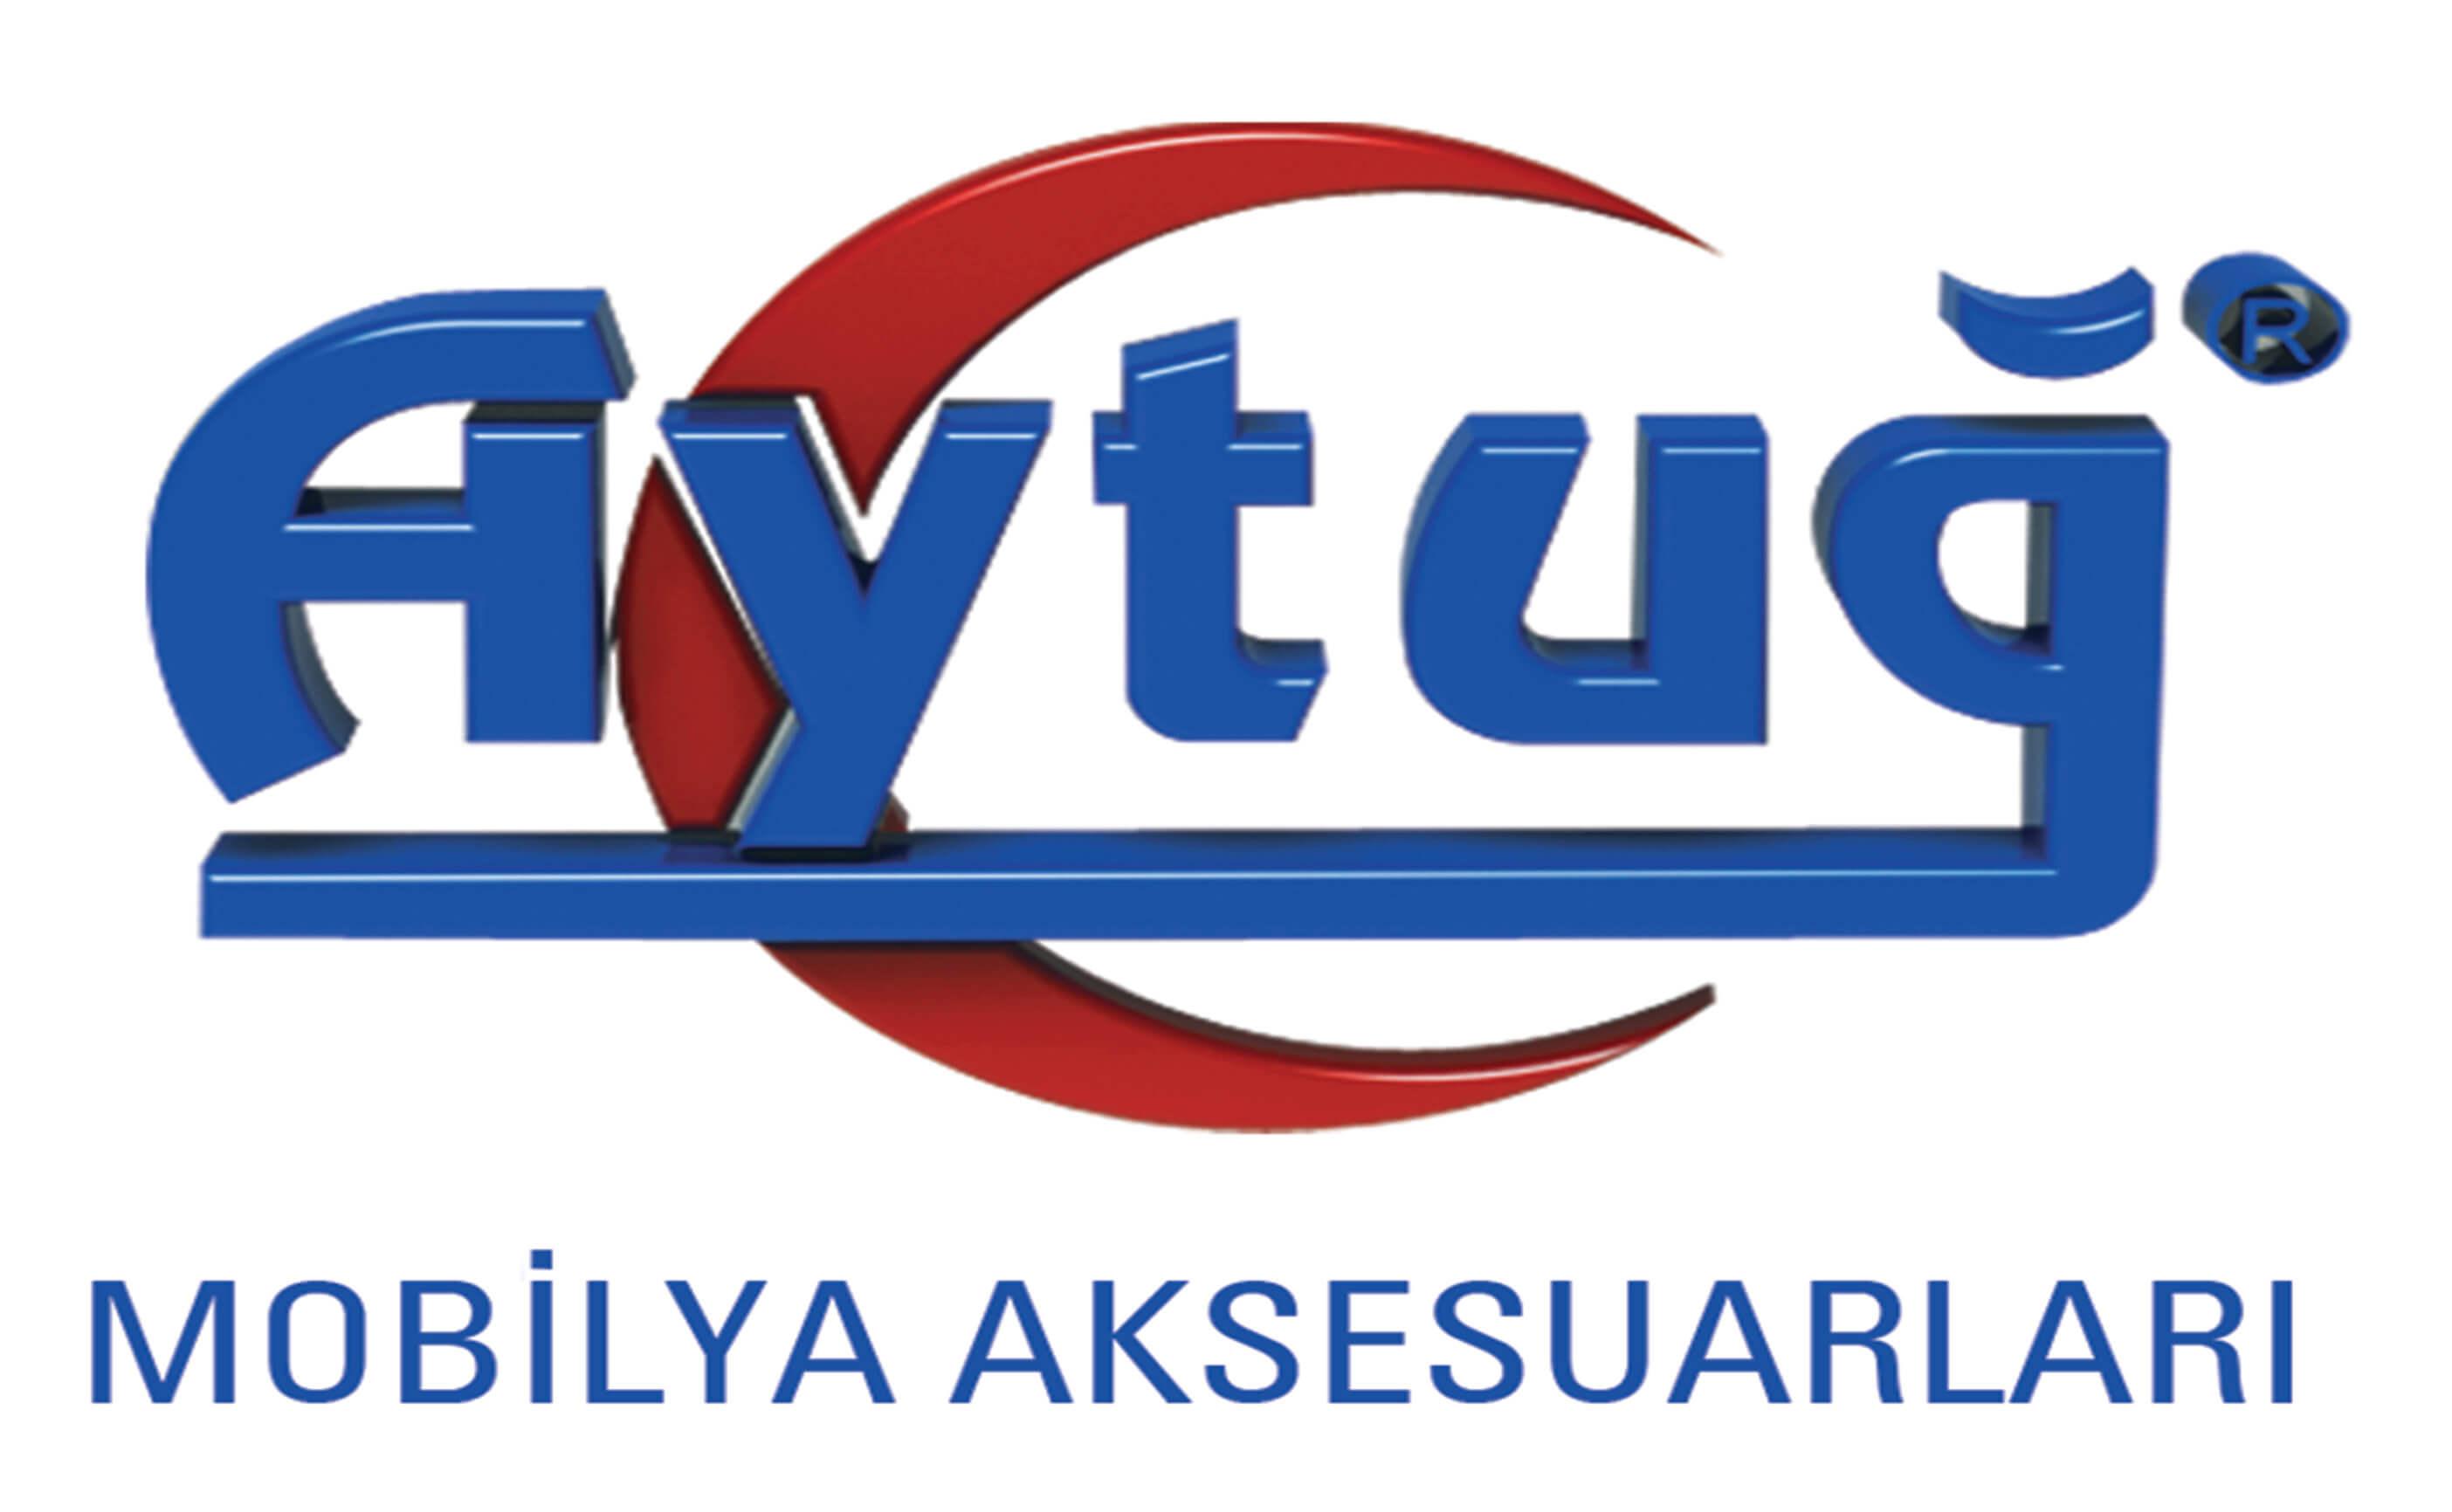 aytug-1